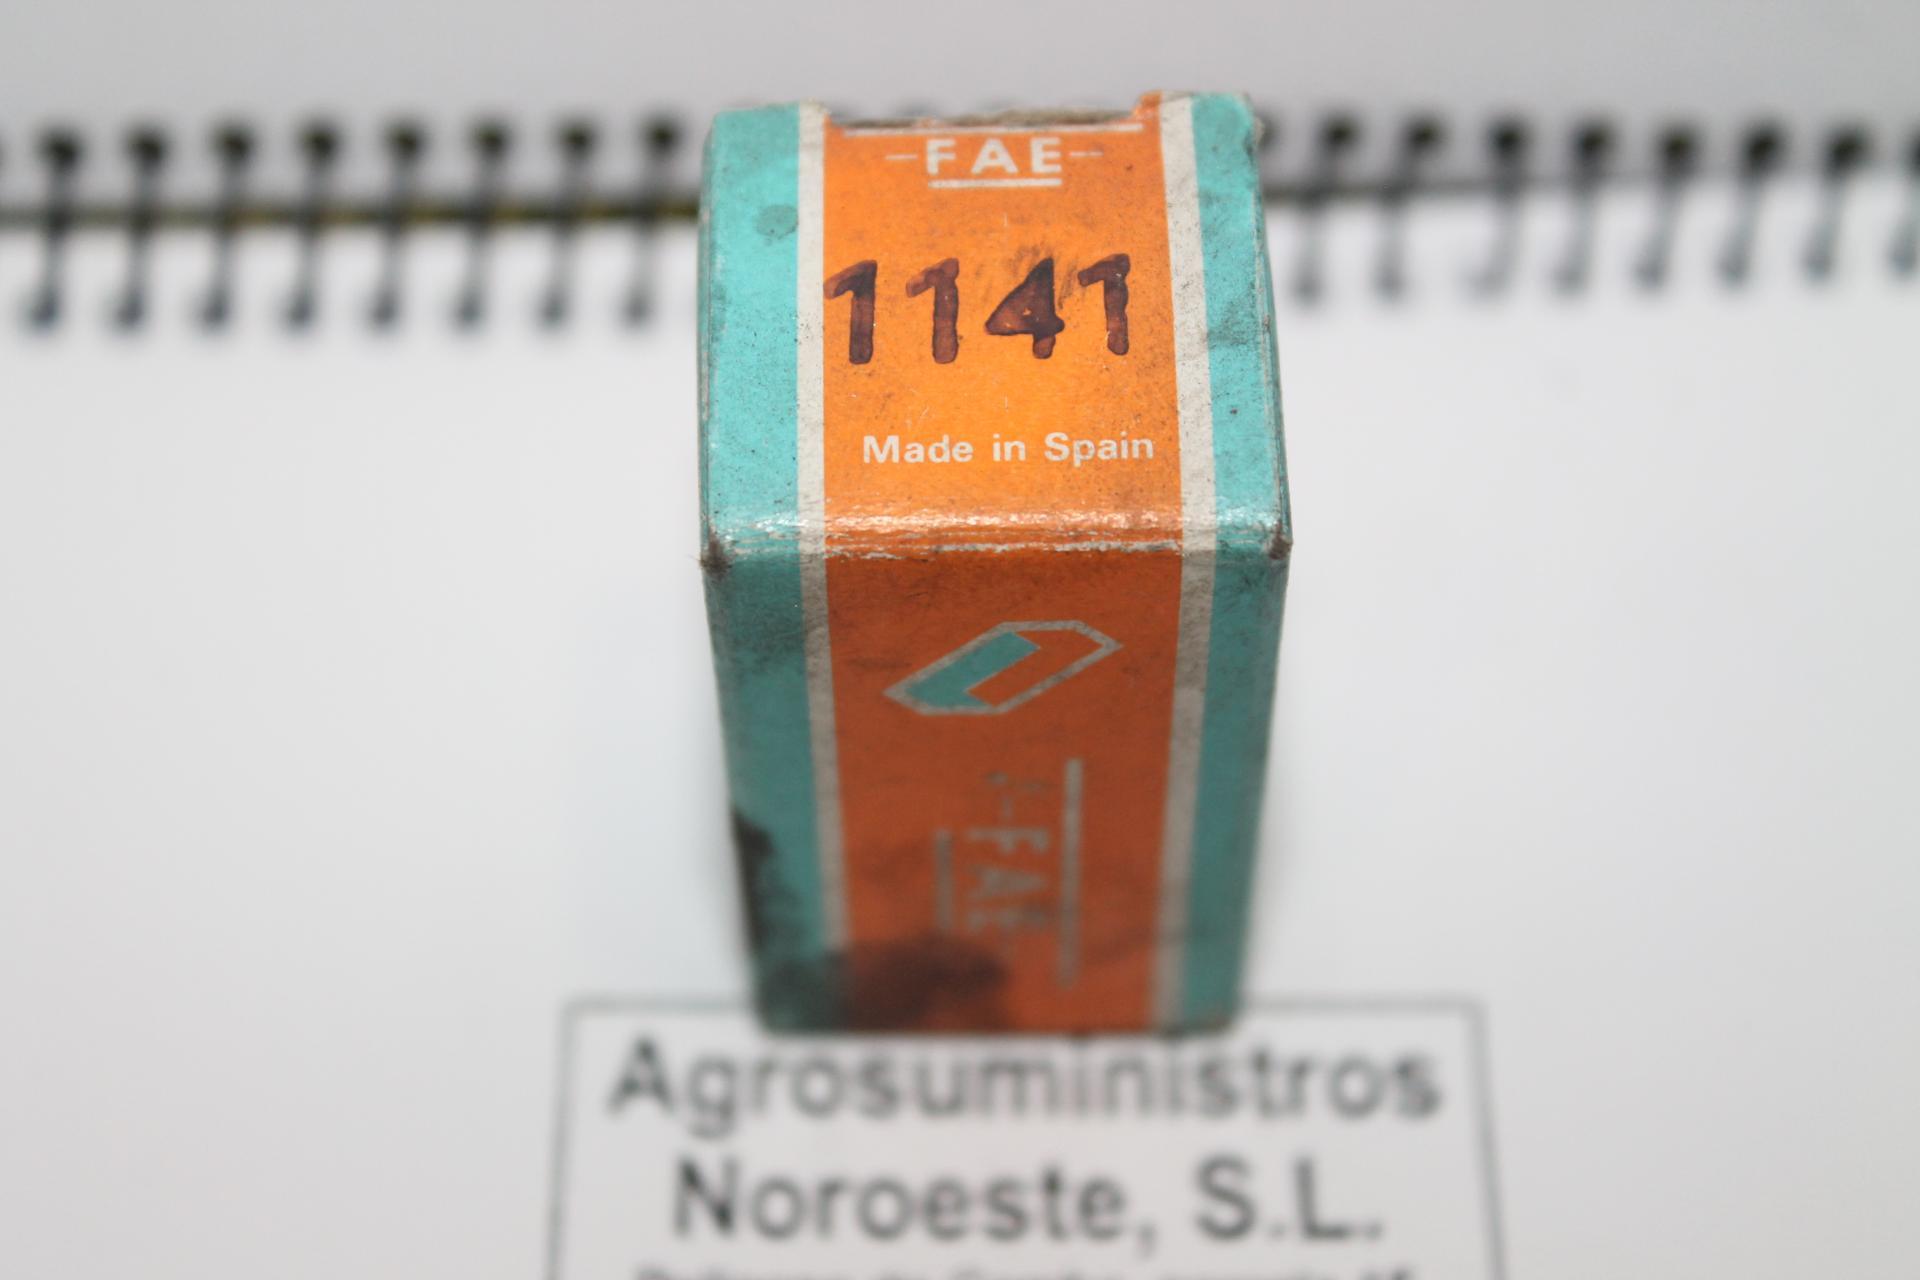 Manocontacto FAE 1141